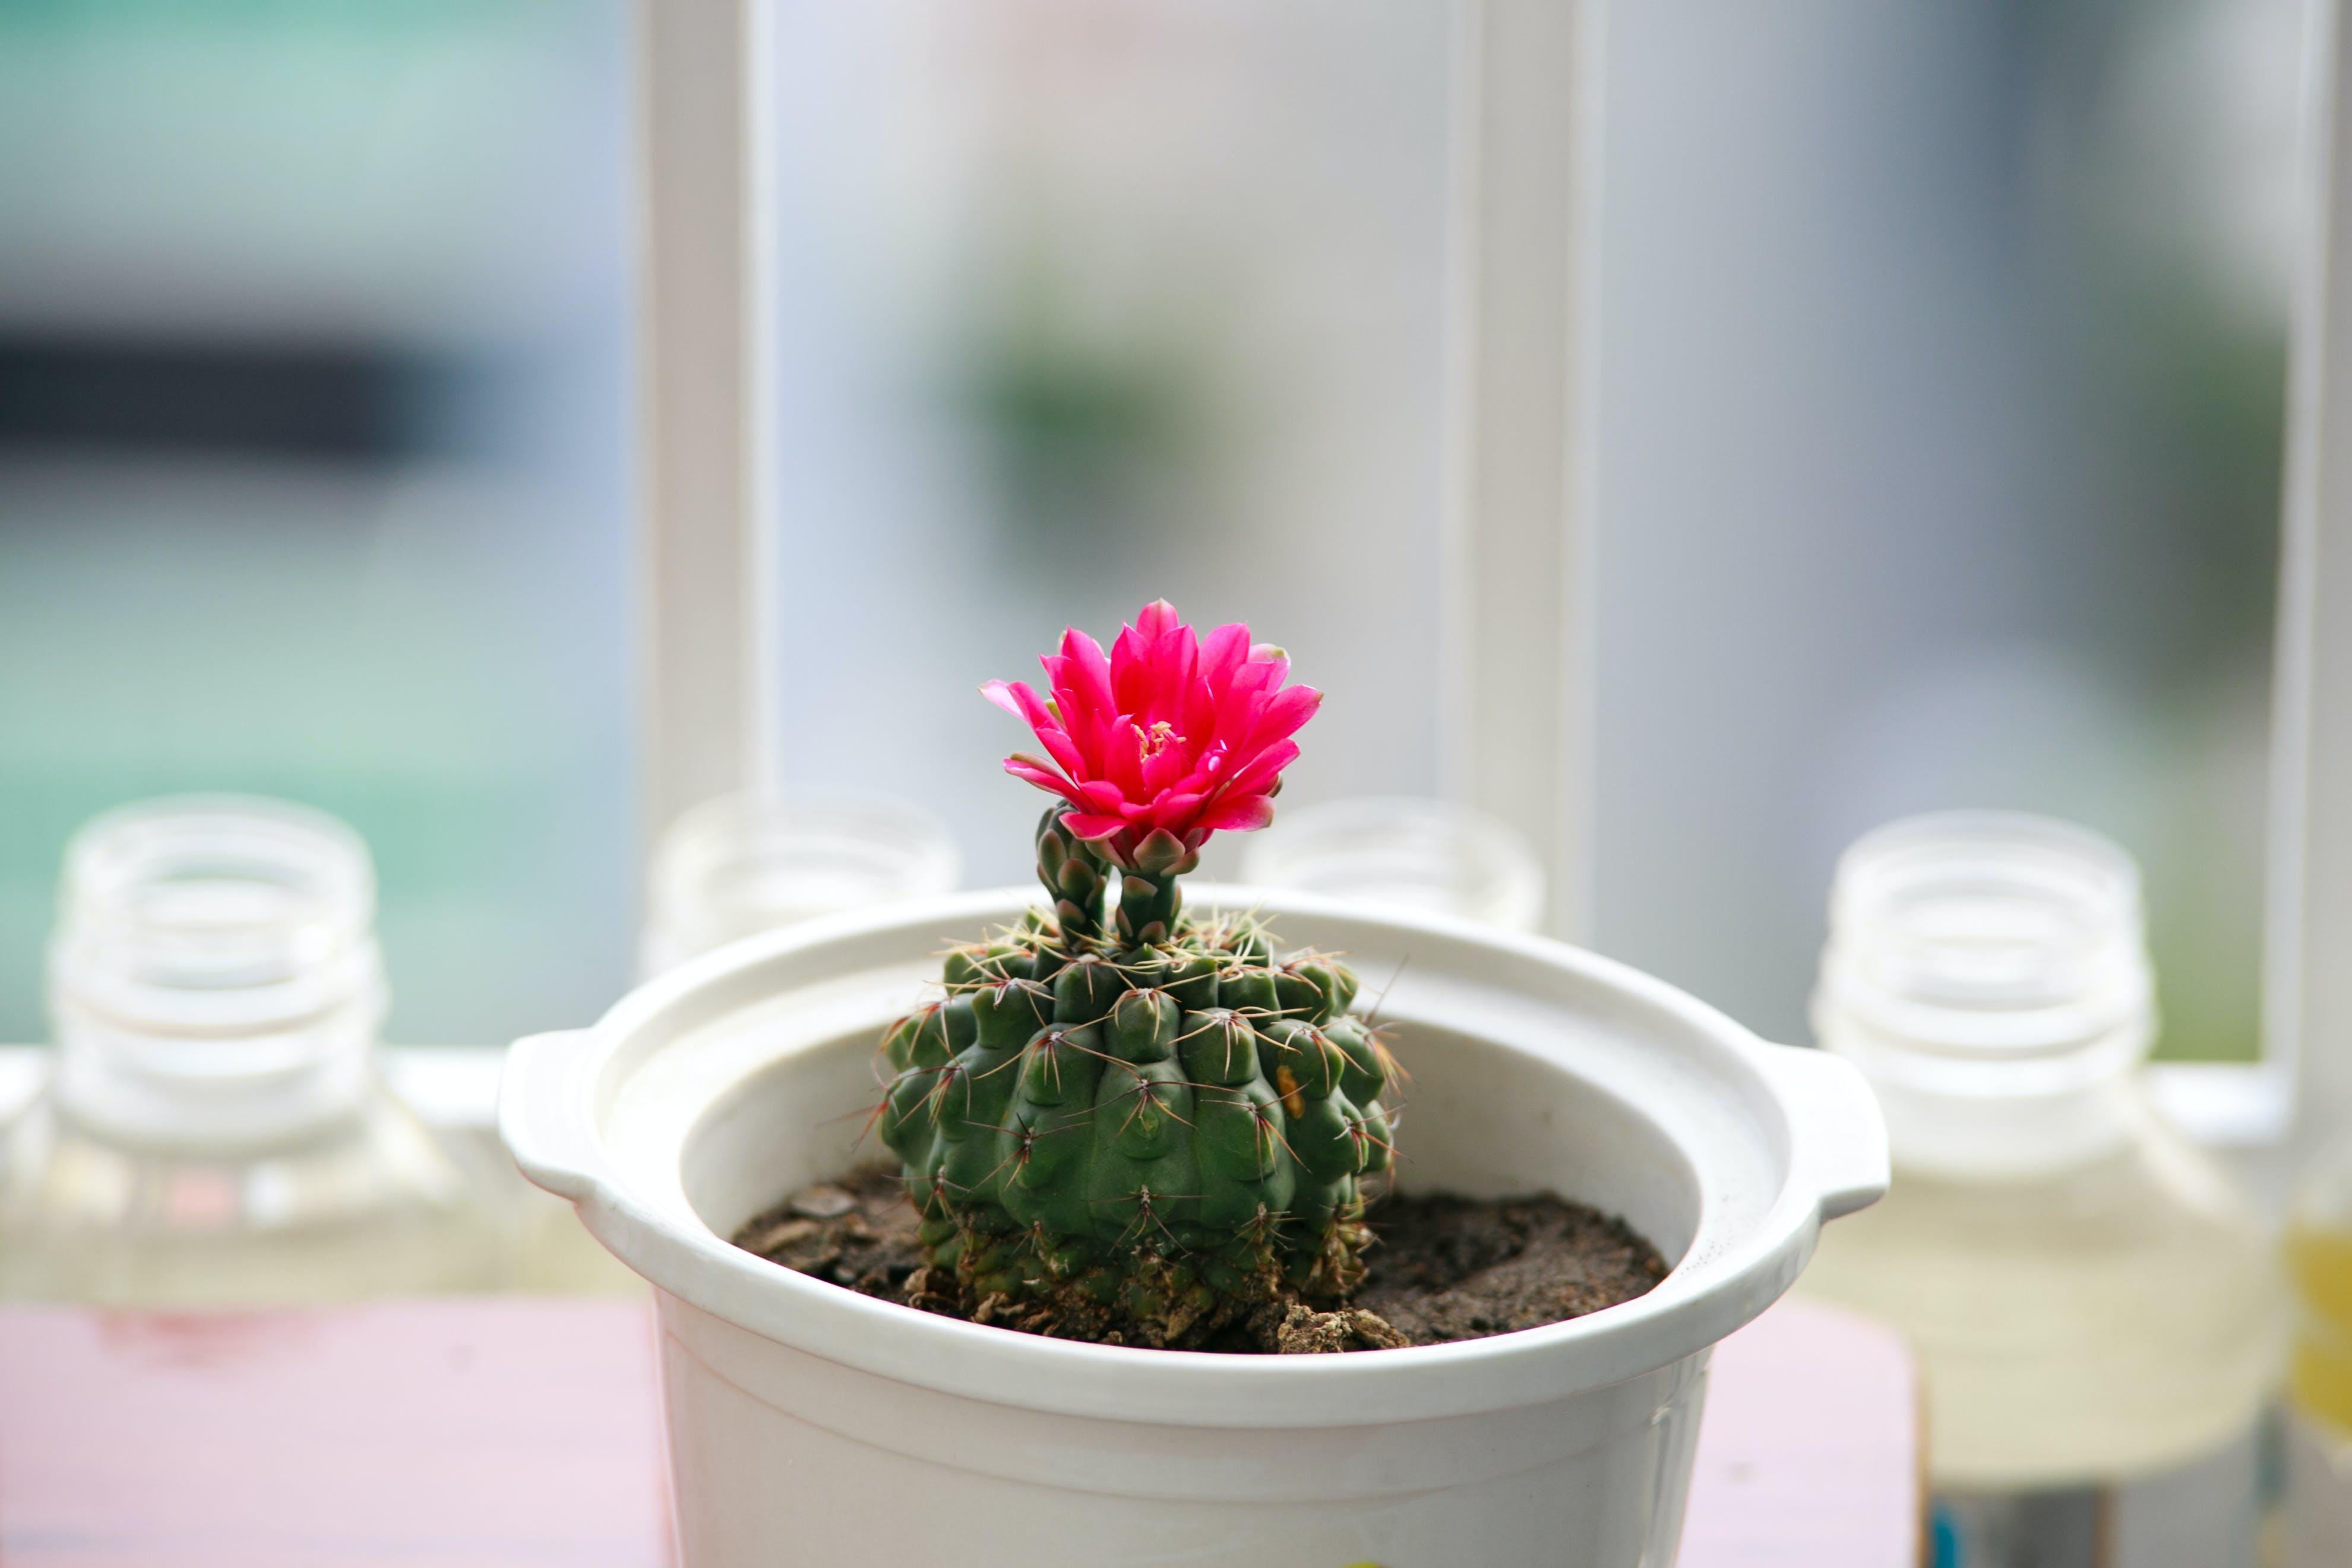 Gratis arkivbilde med blomster, flora, kaktusblomst, kaktusplante